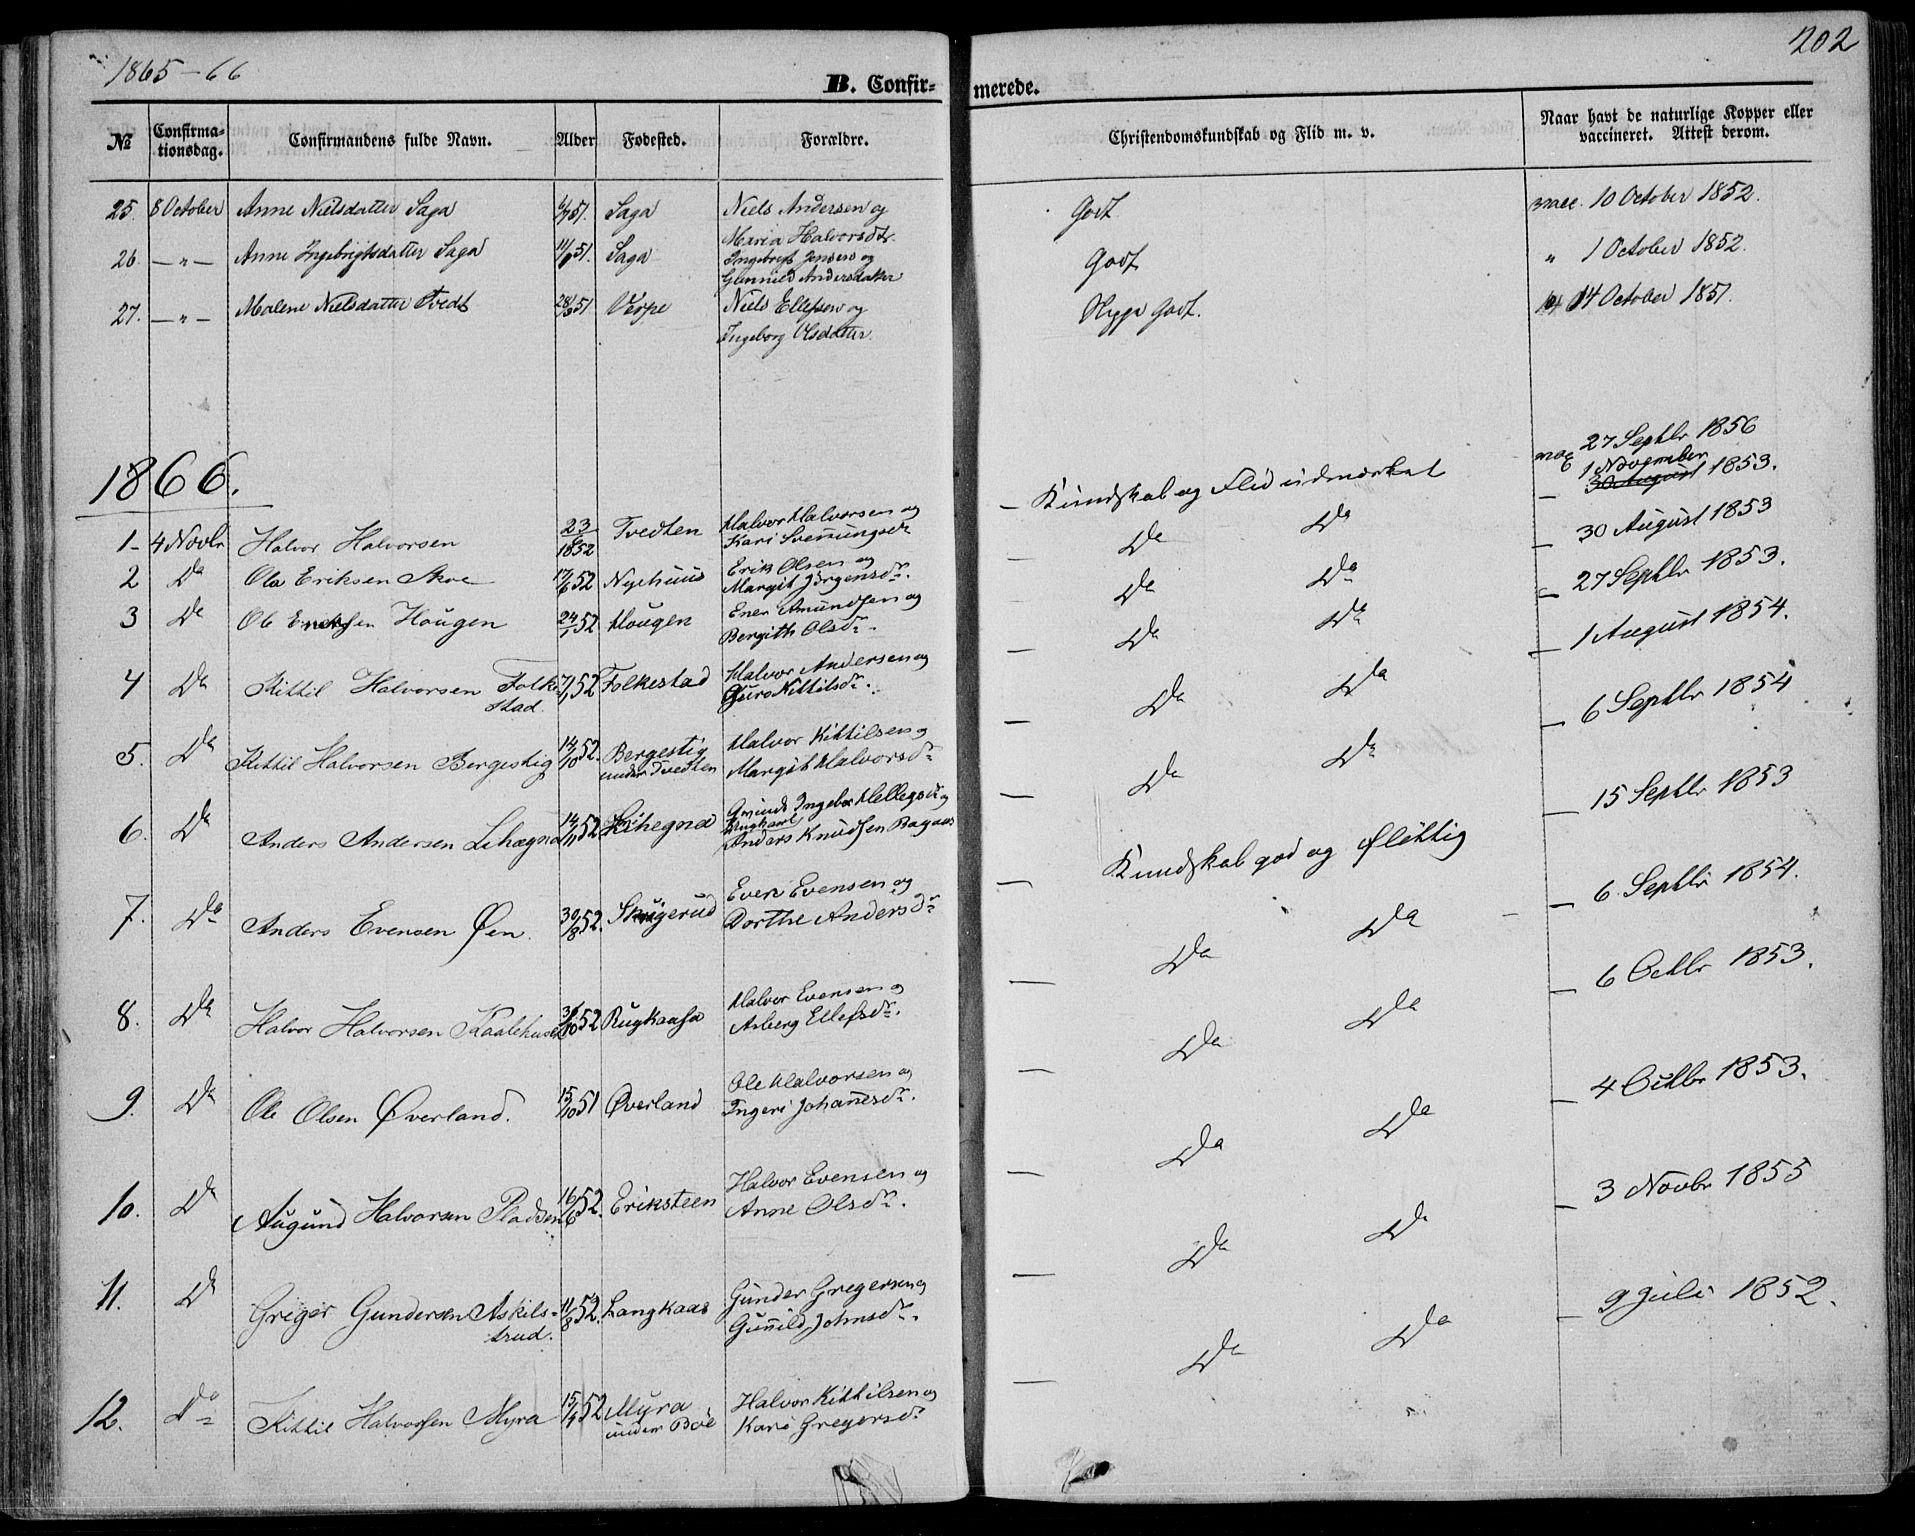 SAKO, Bø kirkebøker, F/Fa/L0009: Ministerialbok nr. 9, 1862-1879, s. 202